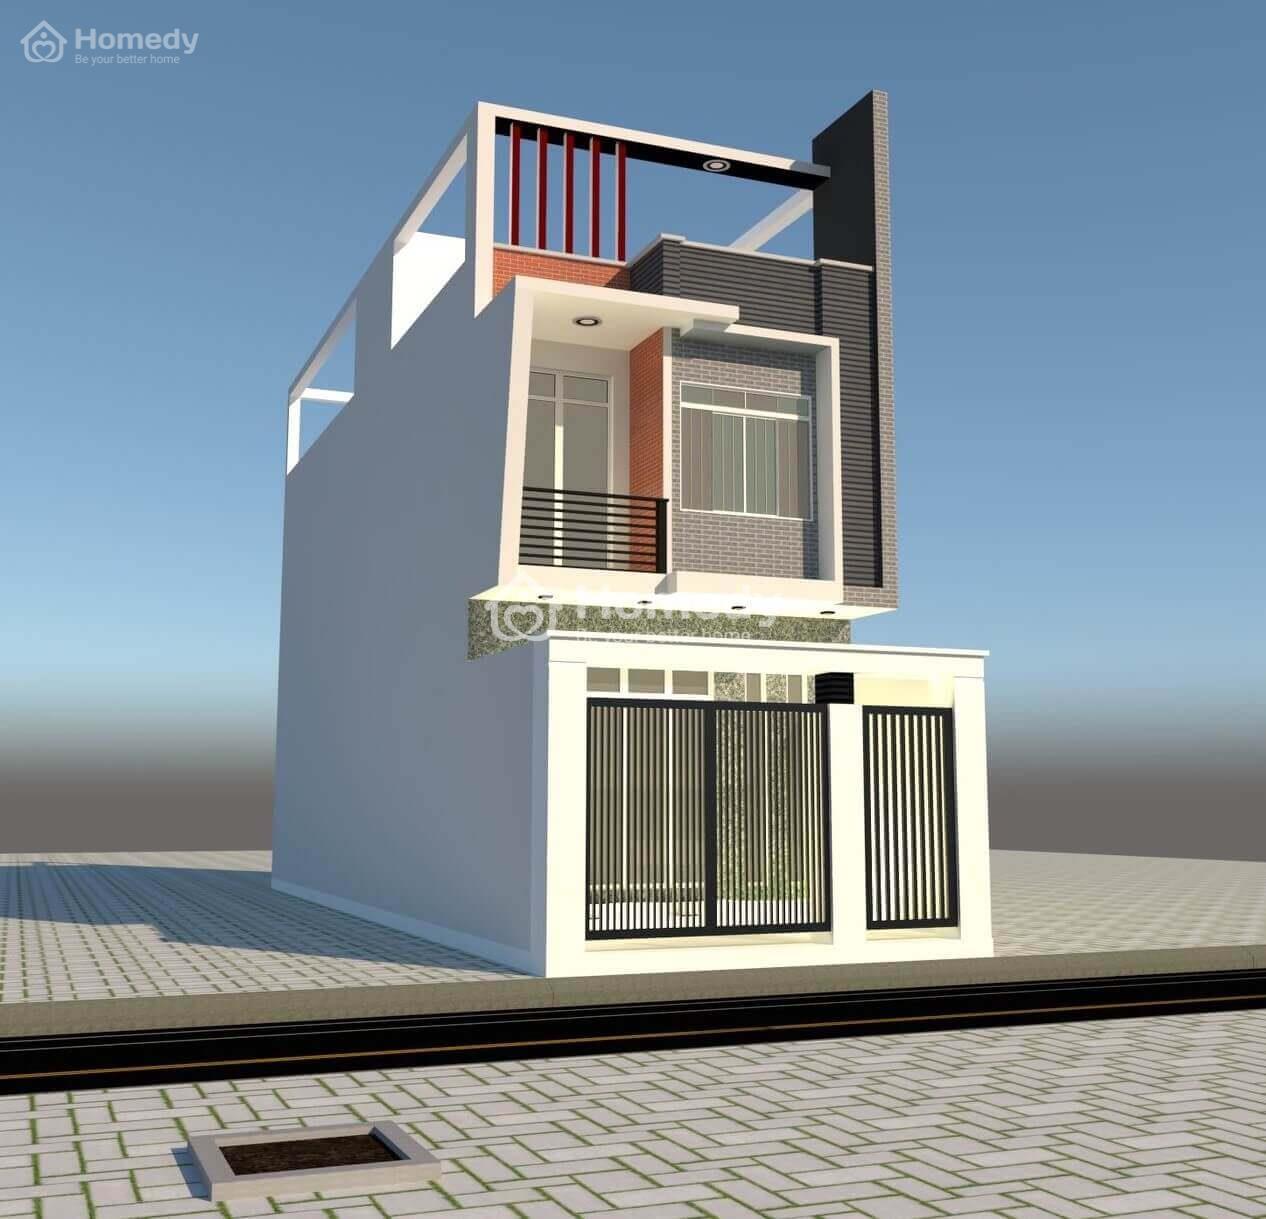 Phong cách kiến trúc hiện đại, đơn giản